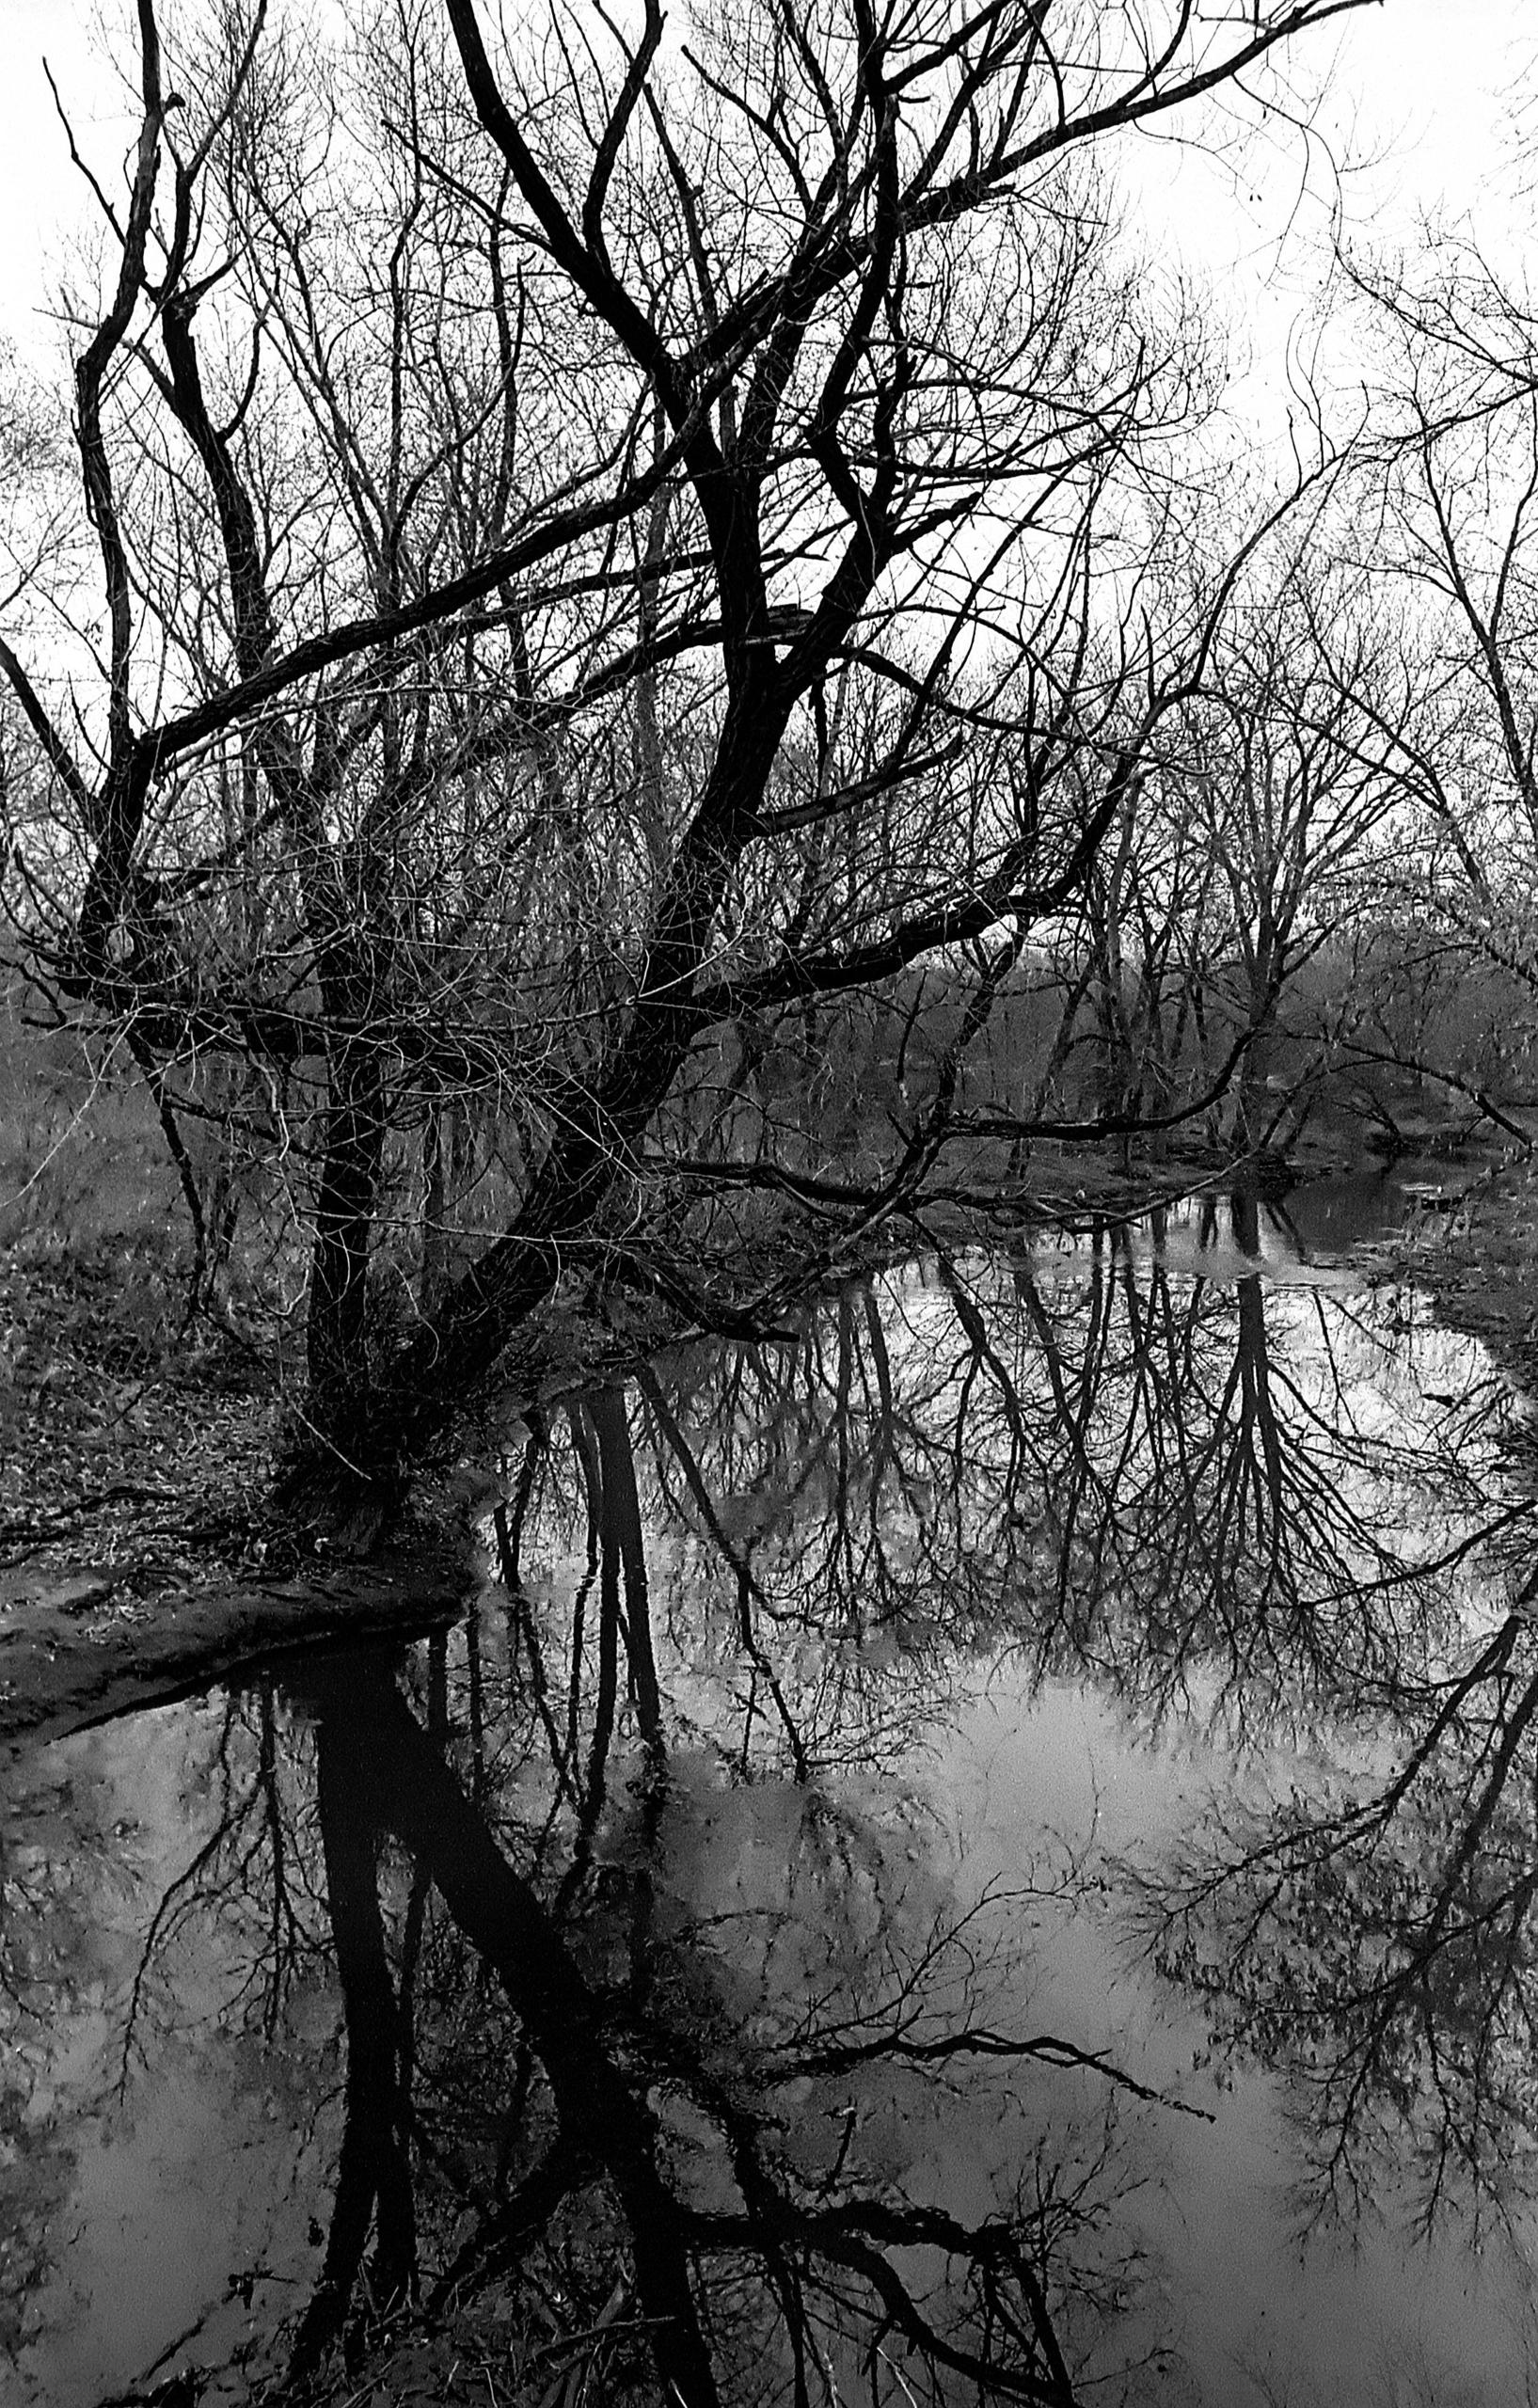 Lost woods - capnvideo | ello